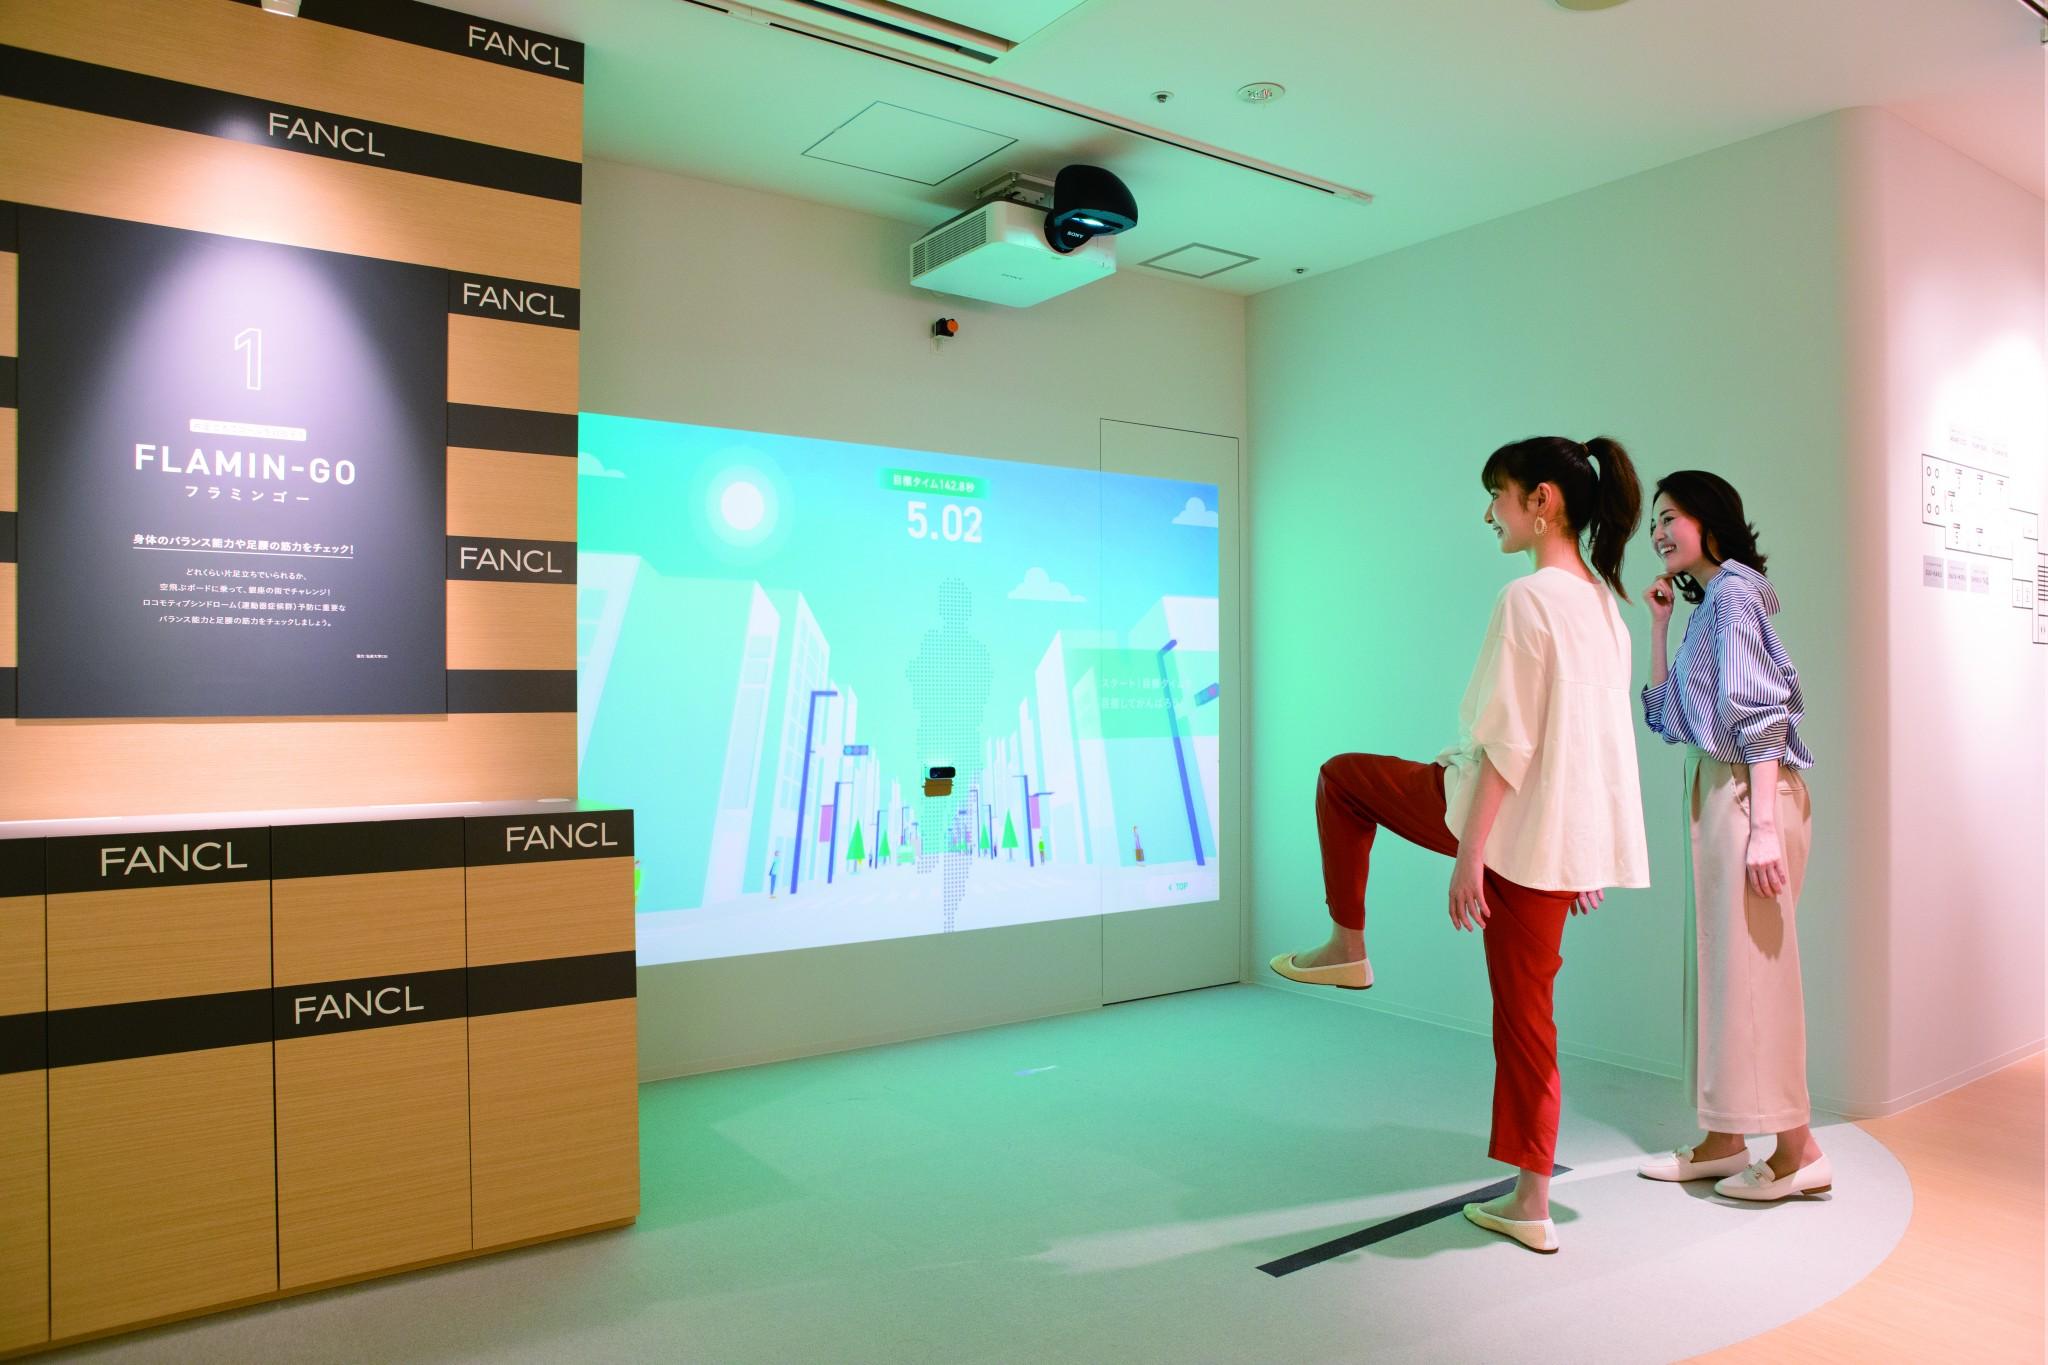 新たなお出かけスポットとして話題!【東京】その場で試して購入できるファッション・ビューティー「体験型ショップ」3選